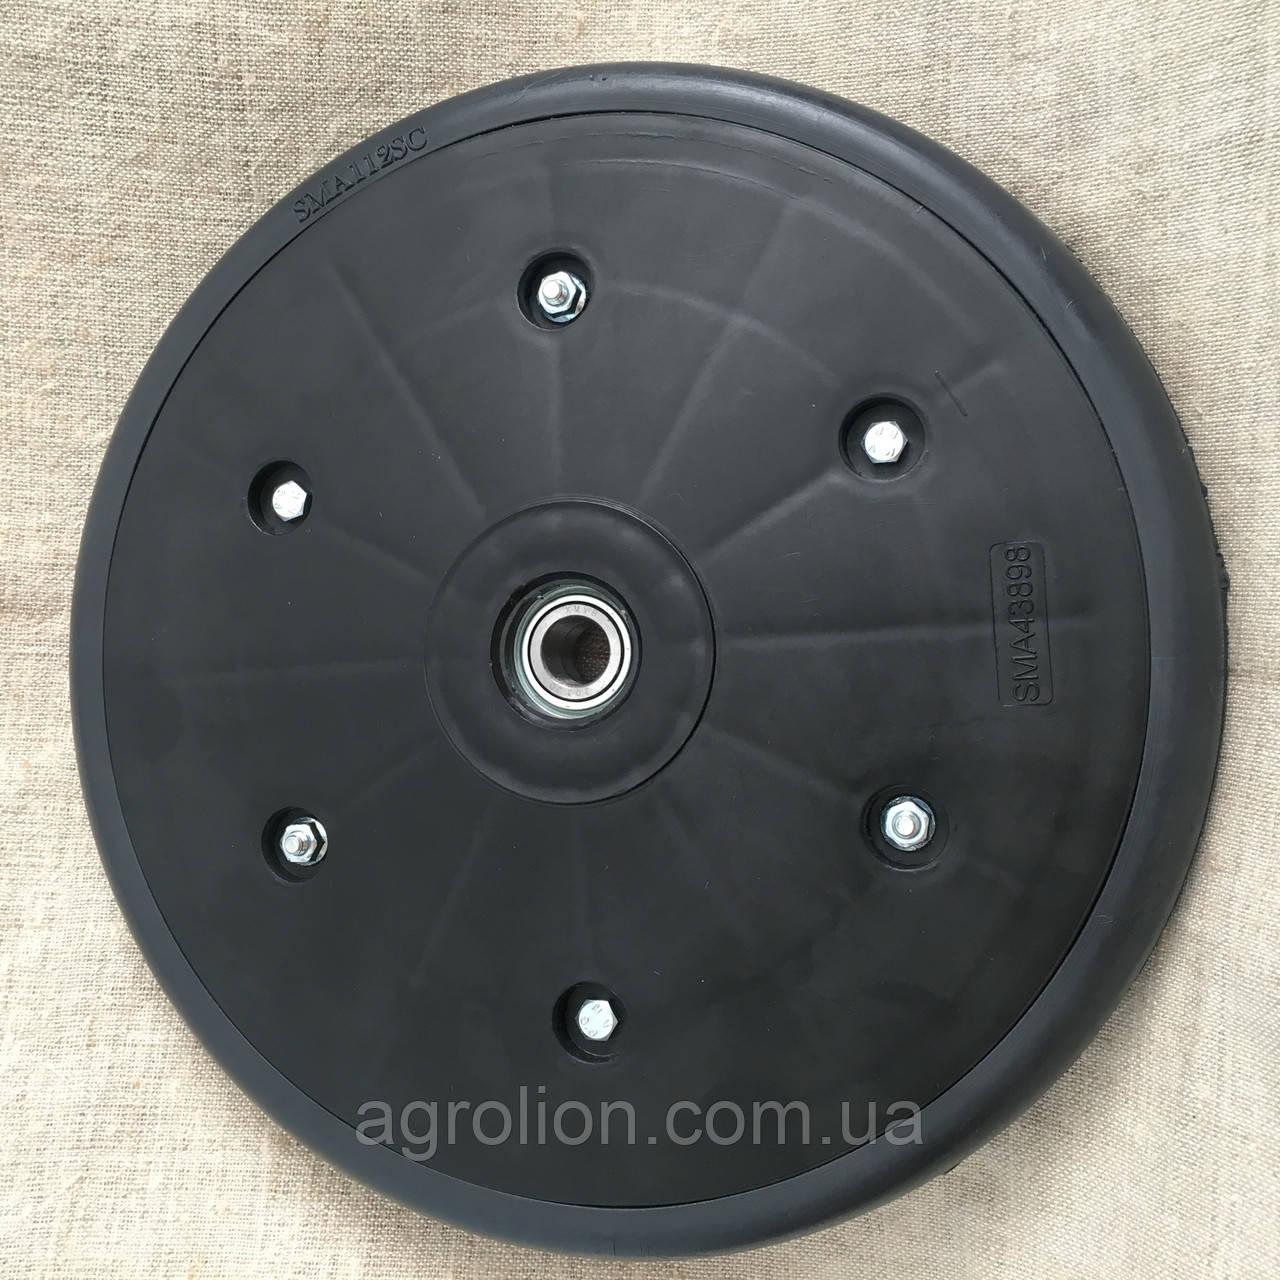 """Прикотуюче колесо в зборі ( диск поліамід) з підшипником  1"""" x 12"""", John Deere, AA34211"""